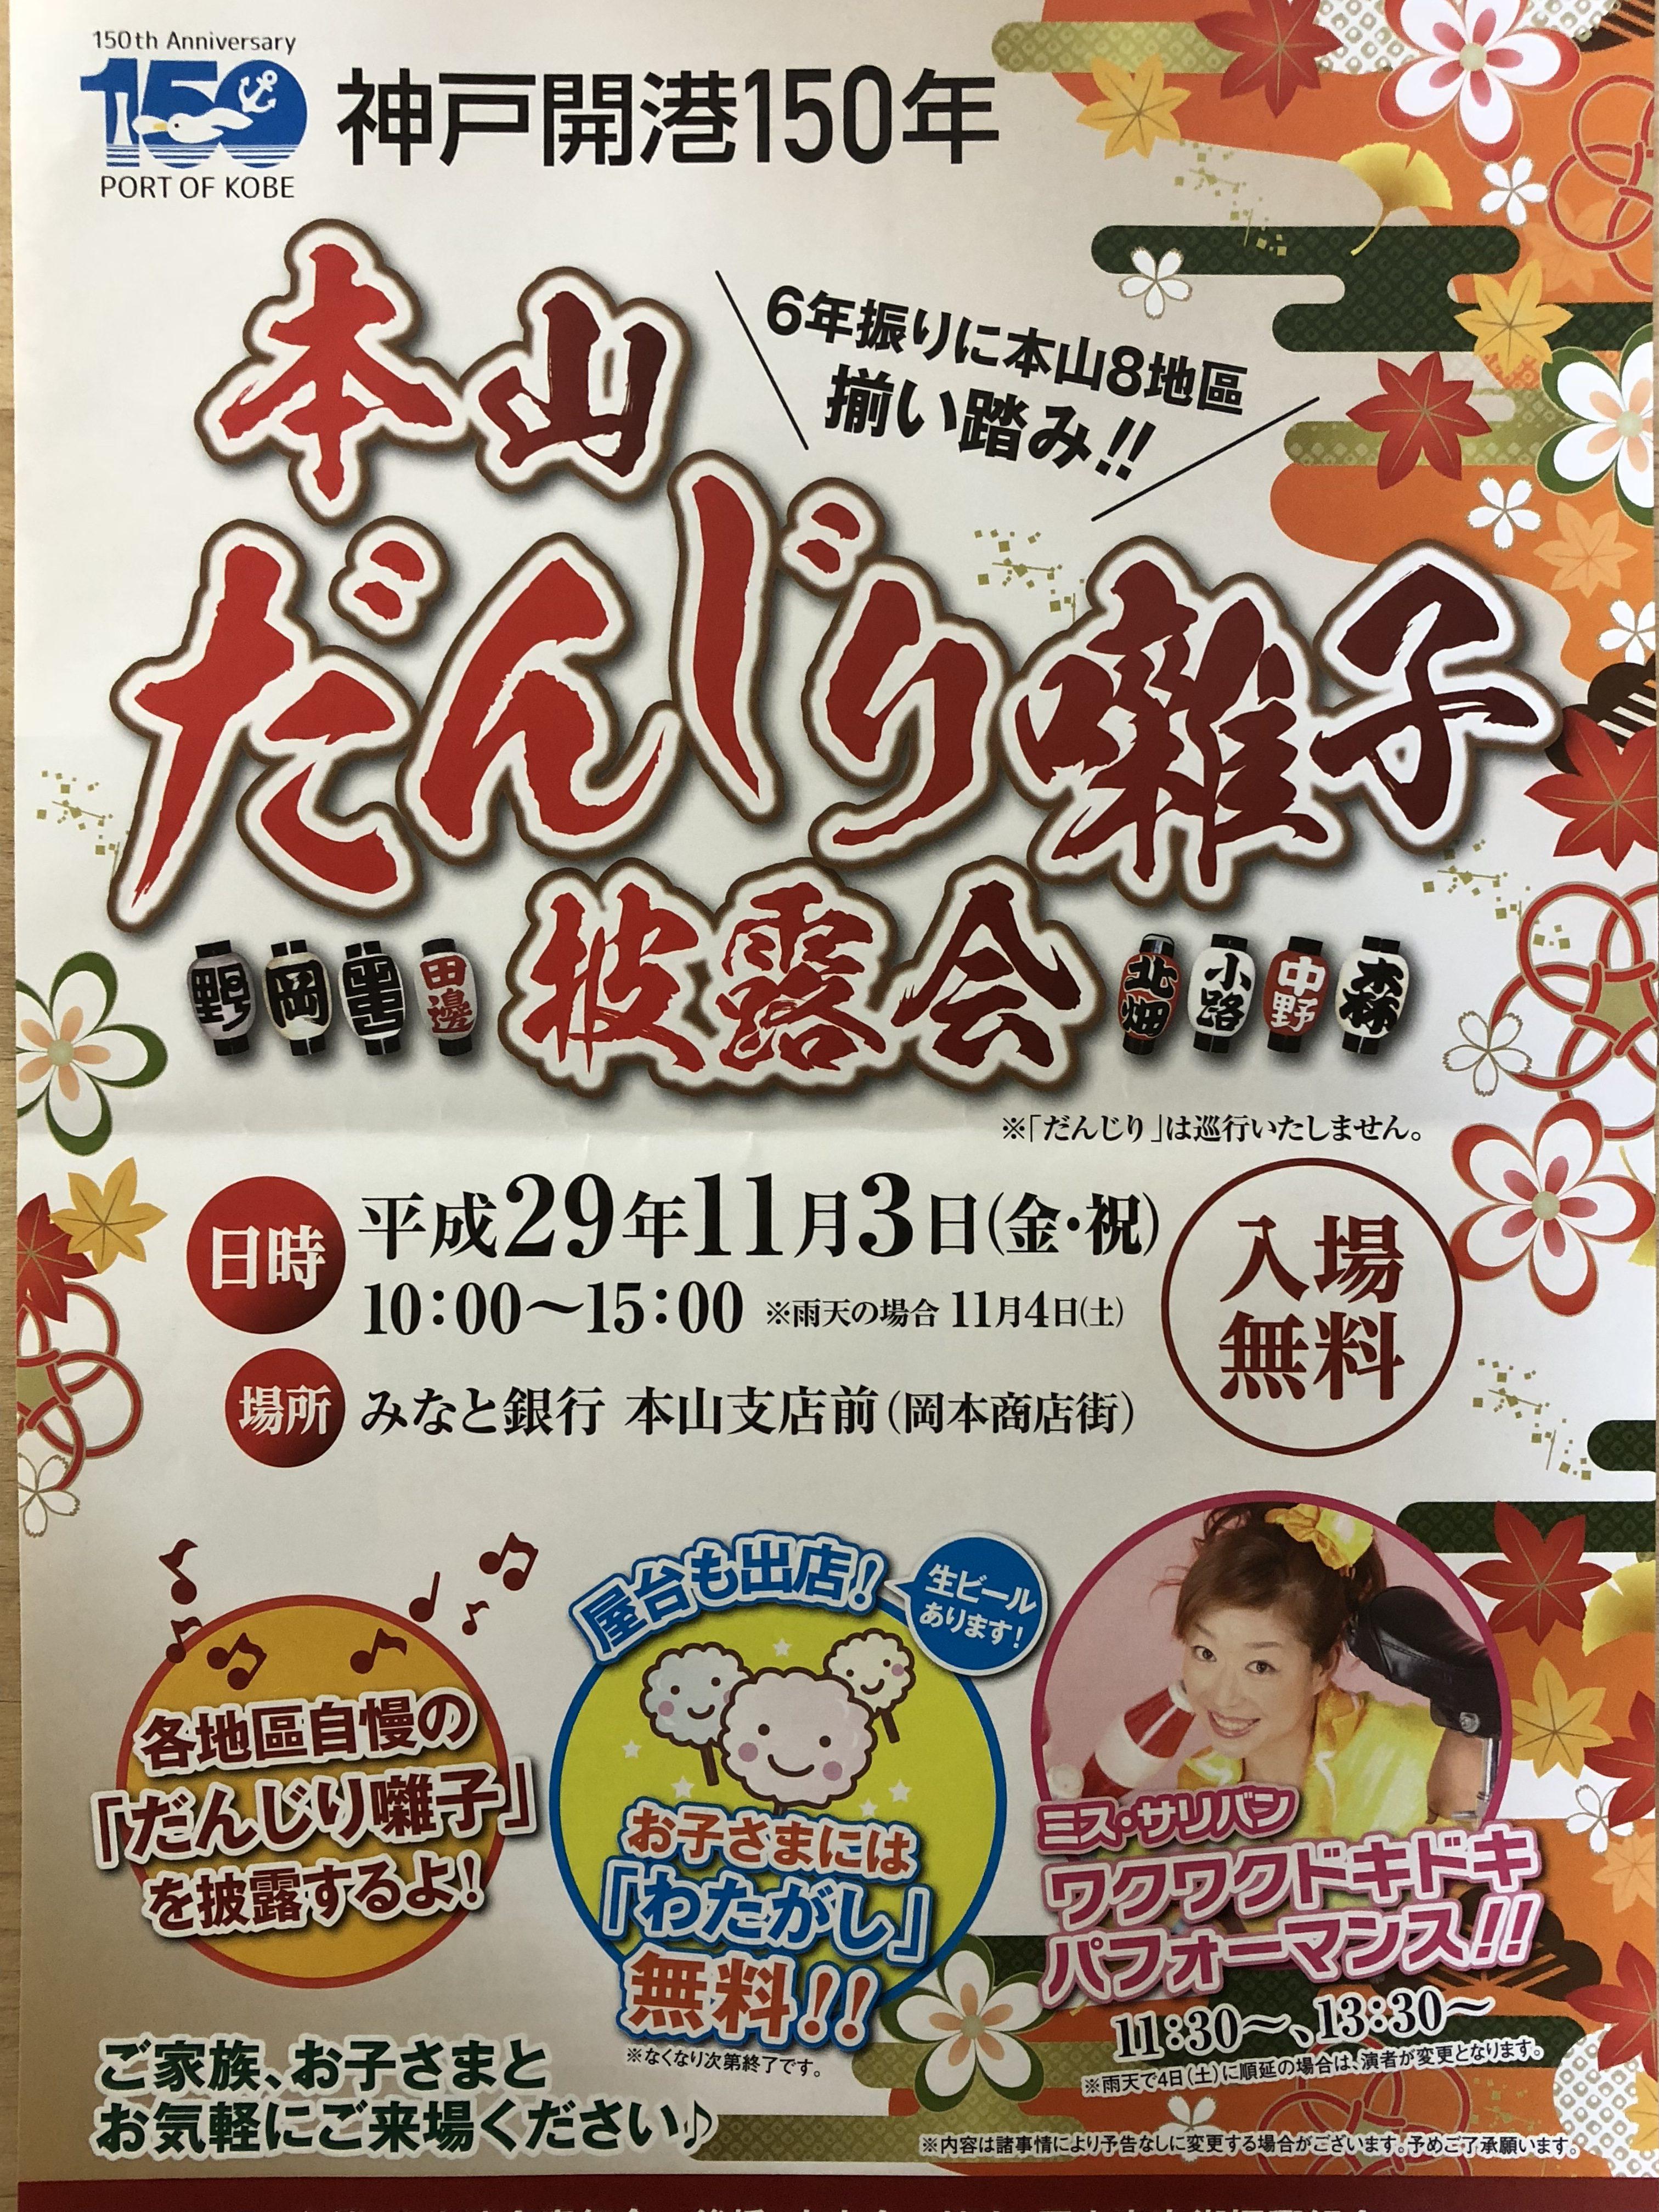 神戸・岡本商店街で「本山だんじり囃子披露会」が11/3(祝)に開催されるよ! #本山だんじり